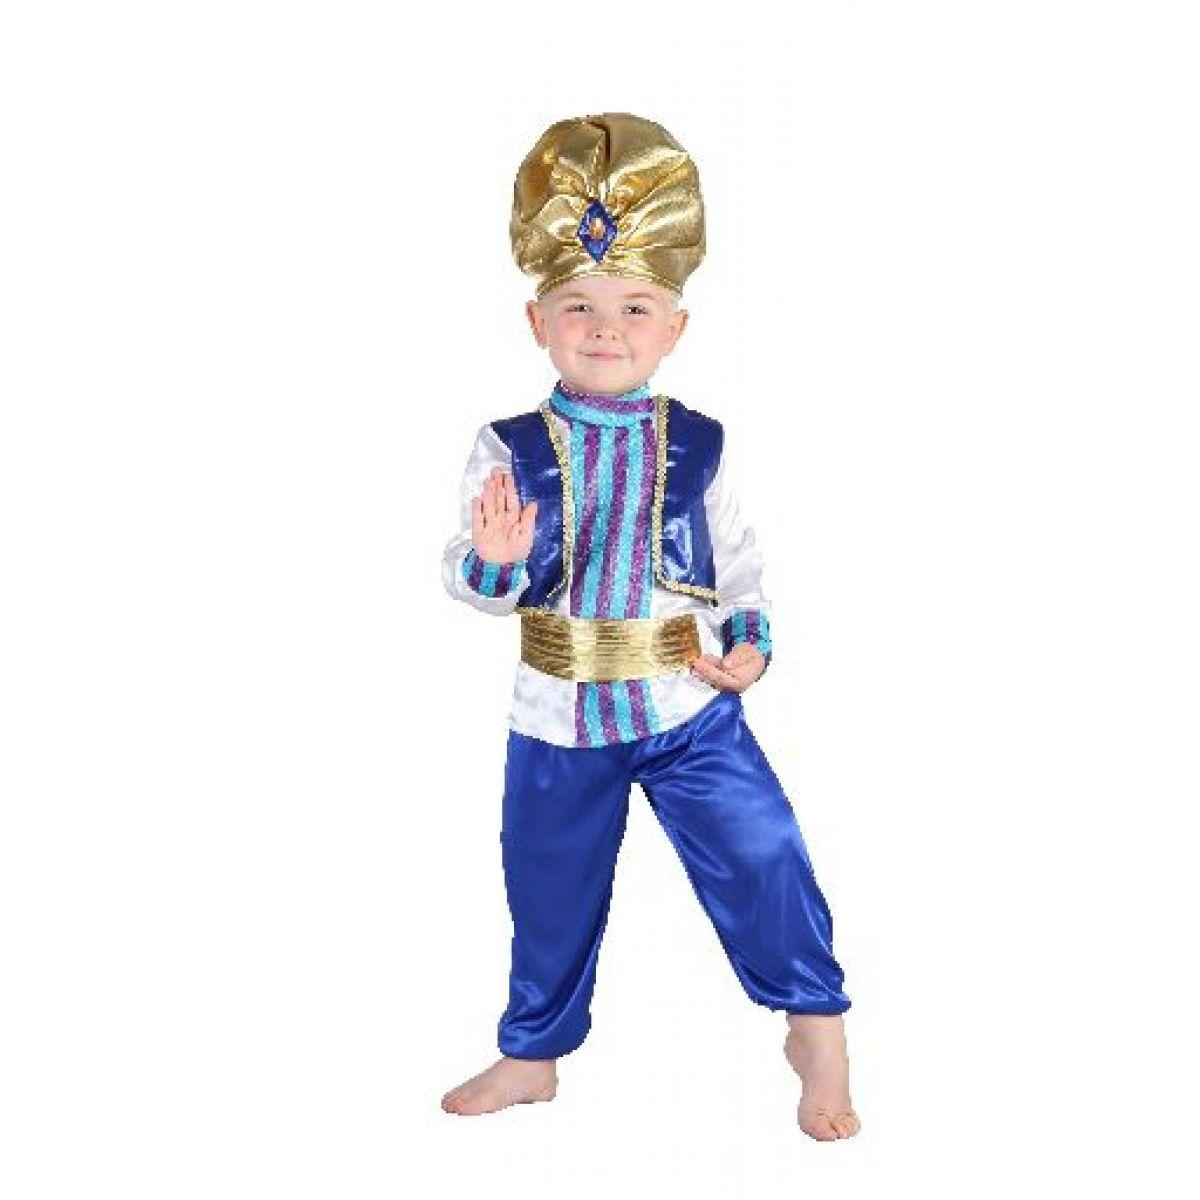 Hm Studio Dětský kostým sultán 92-104 cm  f53cbb421ea